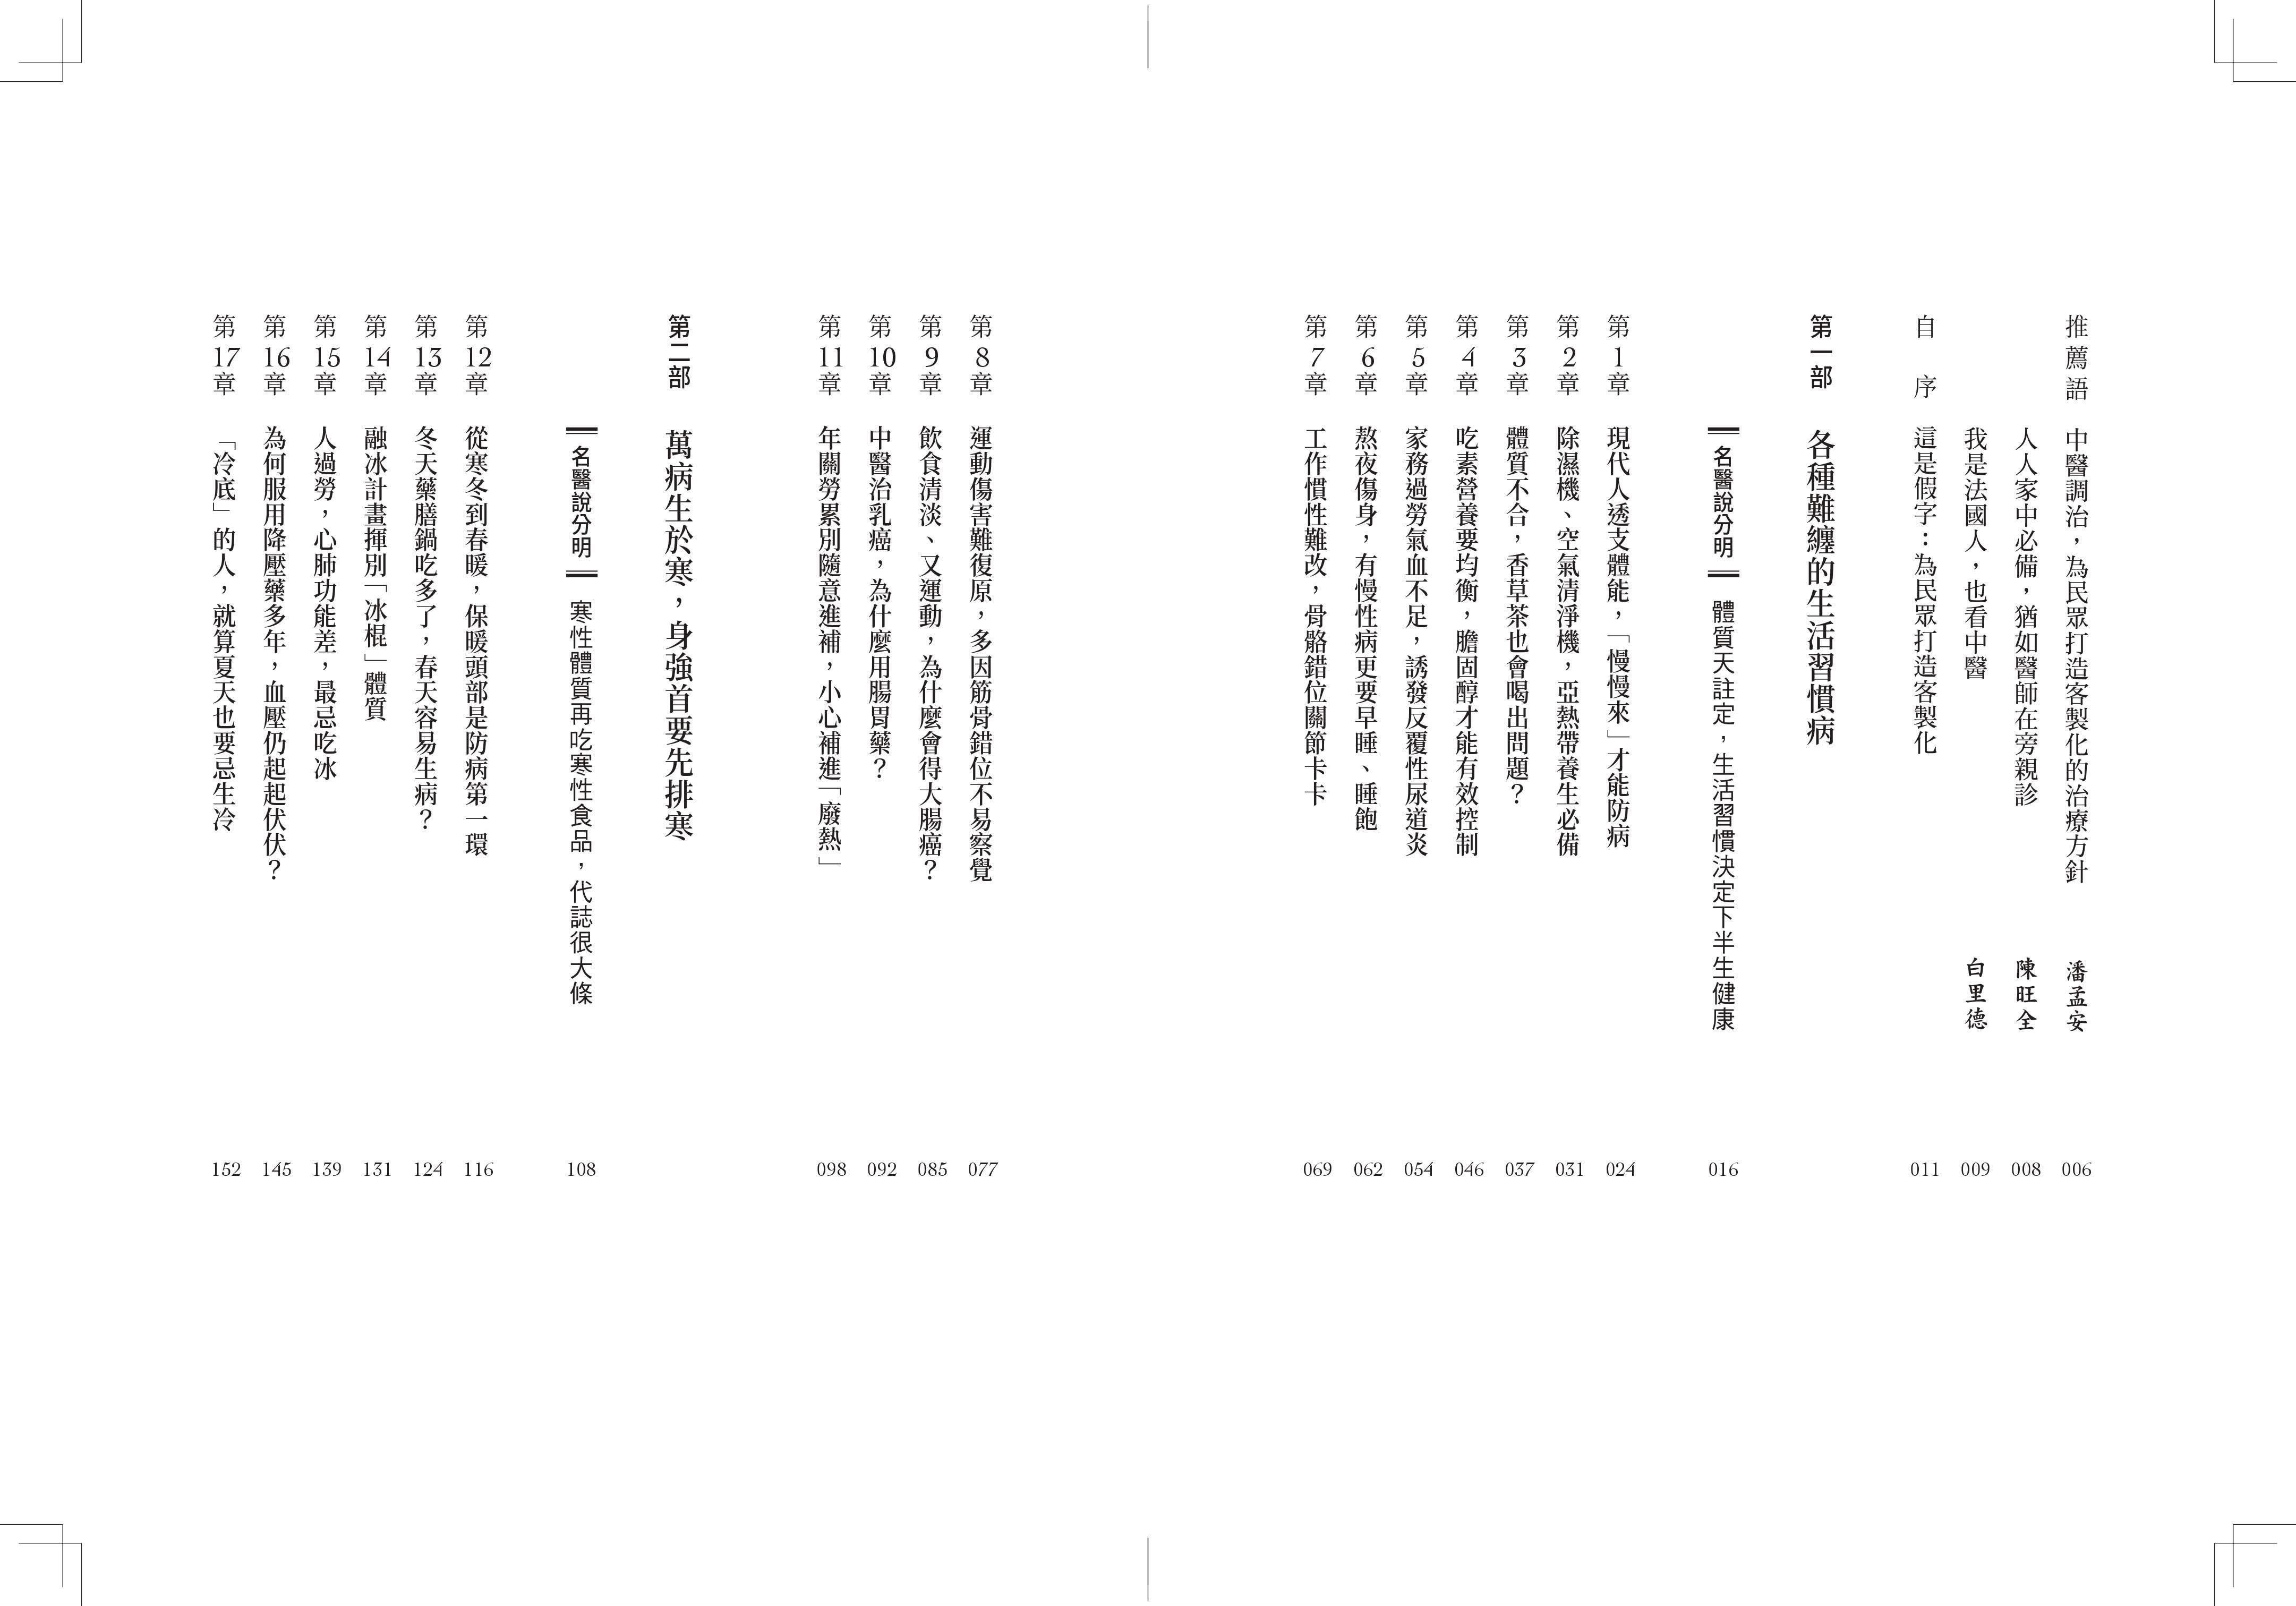 祛濕寒百病消,調養即治療(首刷限量加贈四季養生音頻課程書籤)